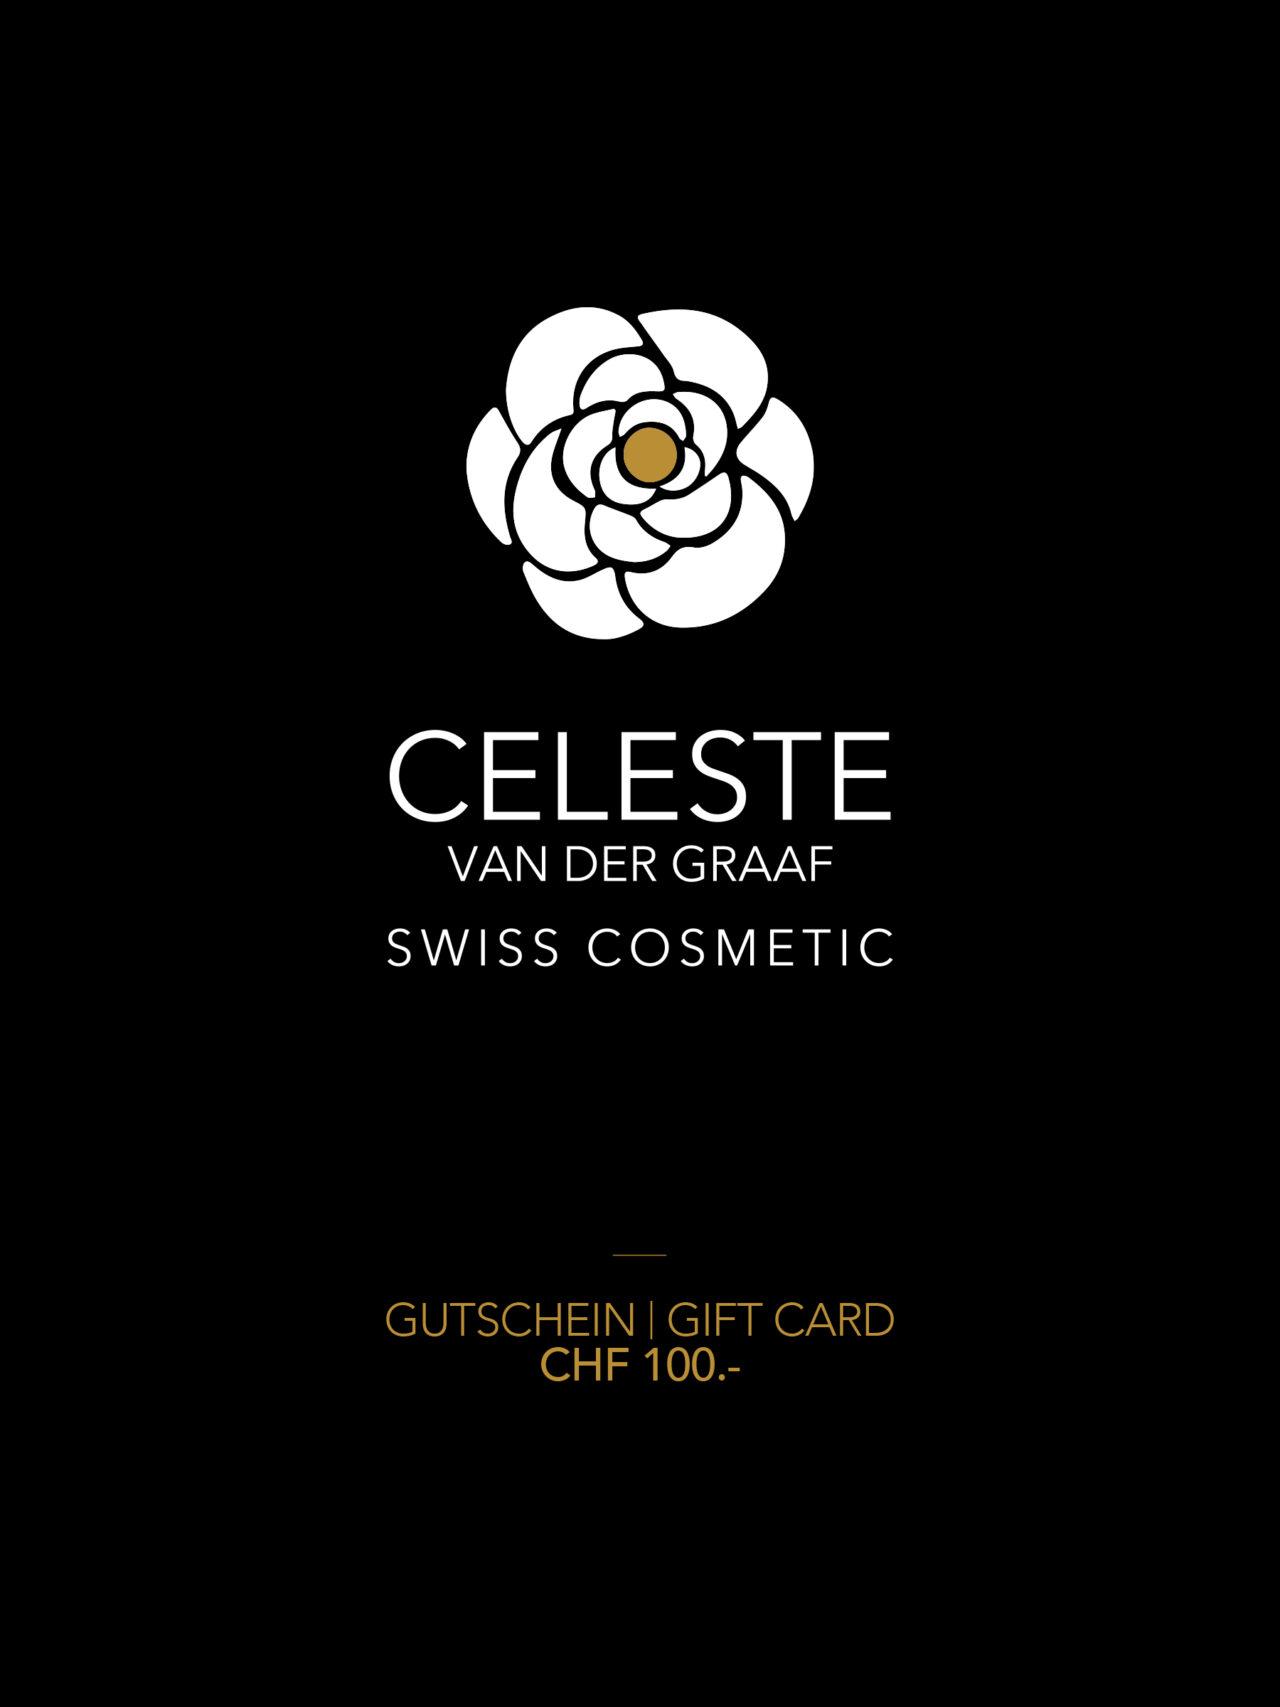 gutschein_gift_card_100_swiss_cosmetic